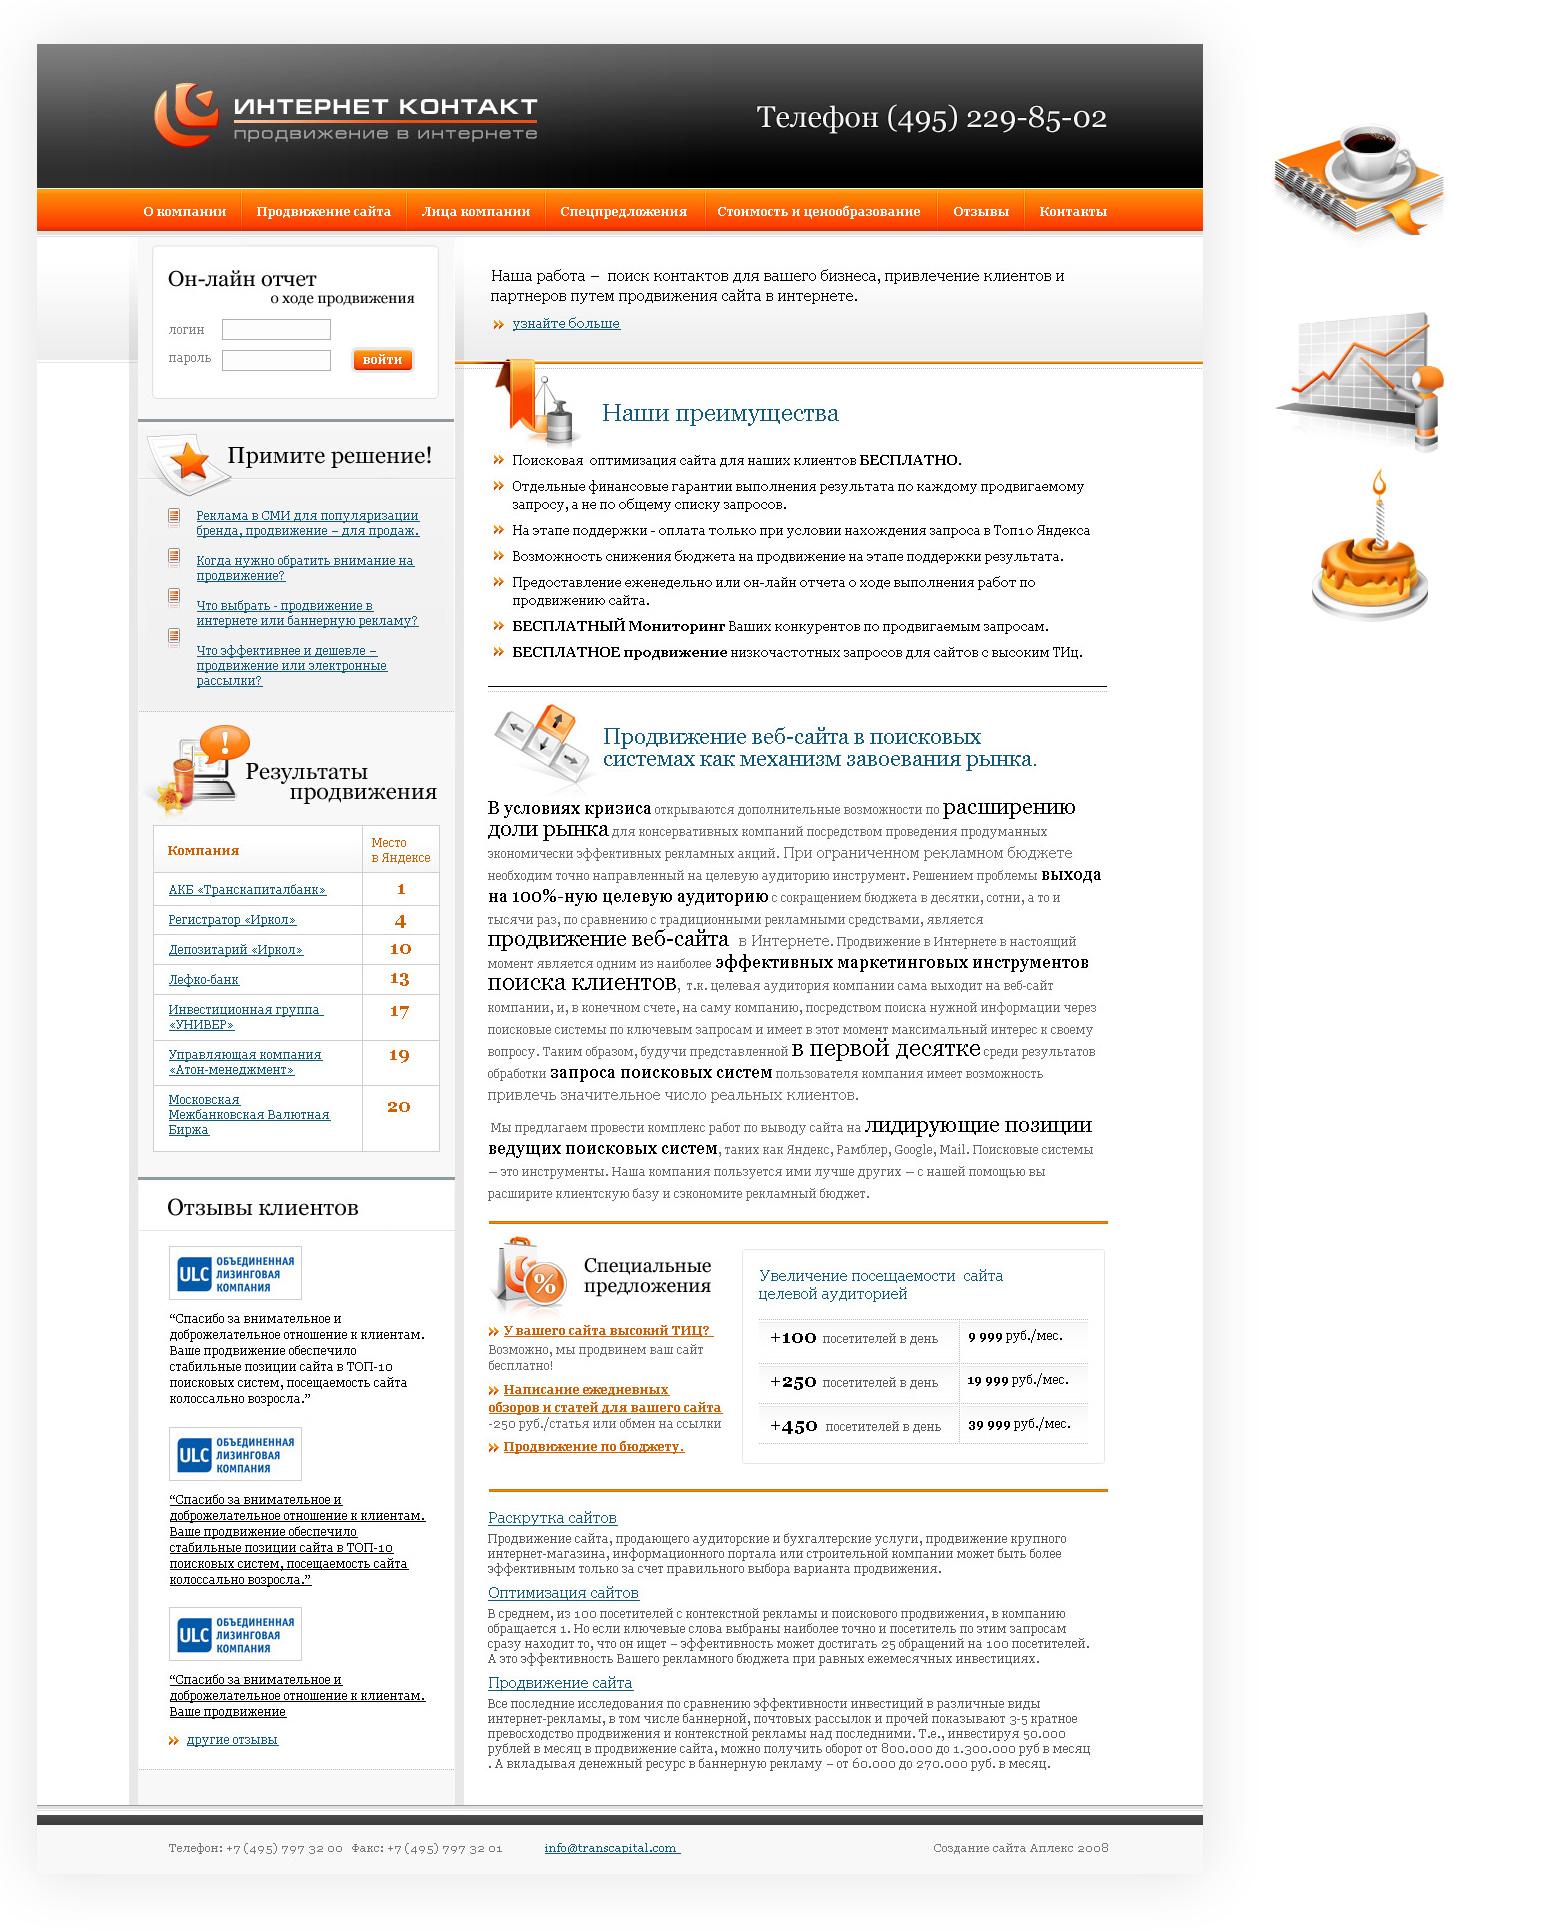 Как выбирать компанию по продвижению сайта сайт монтажная компания